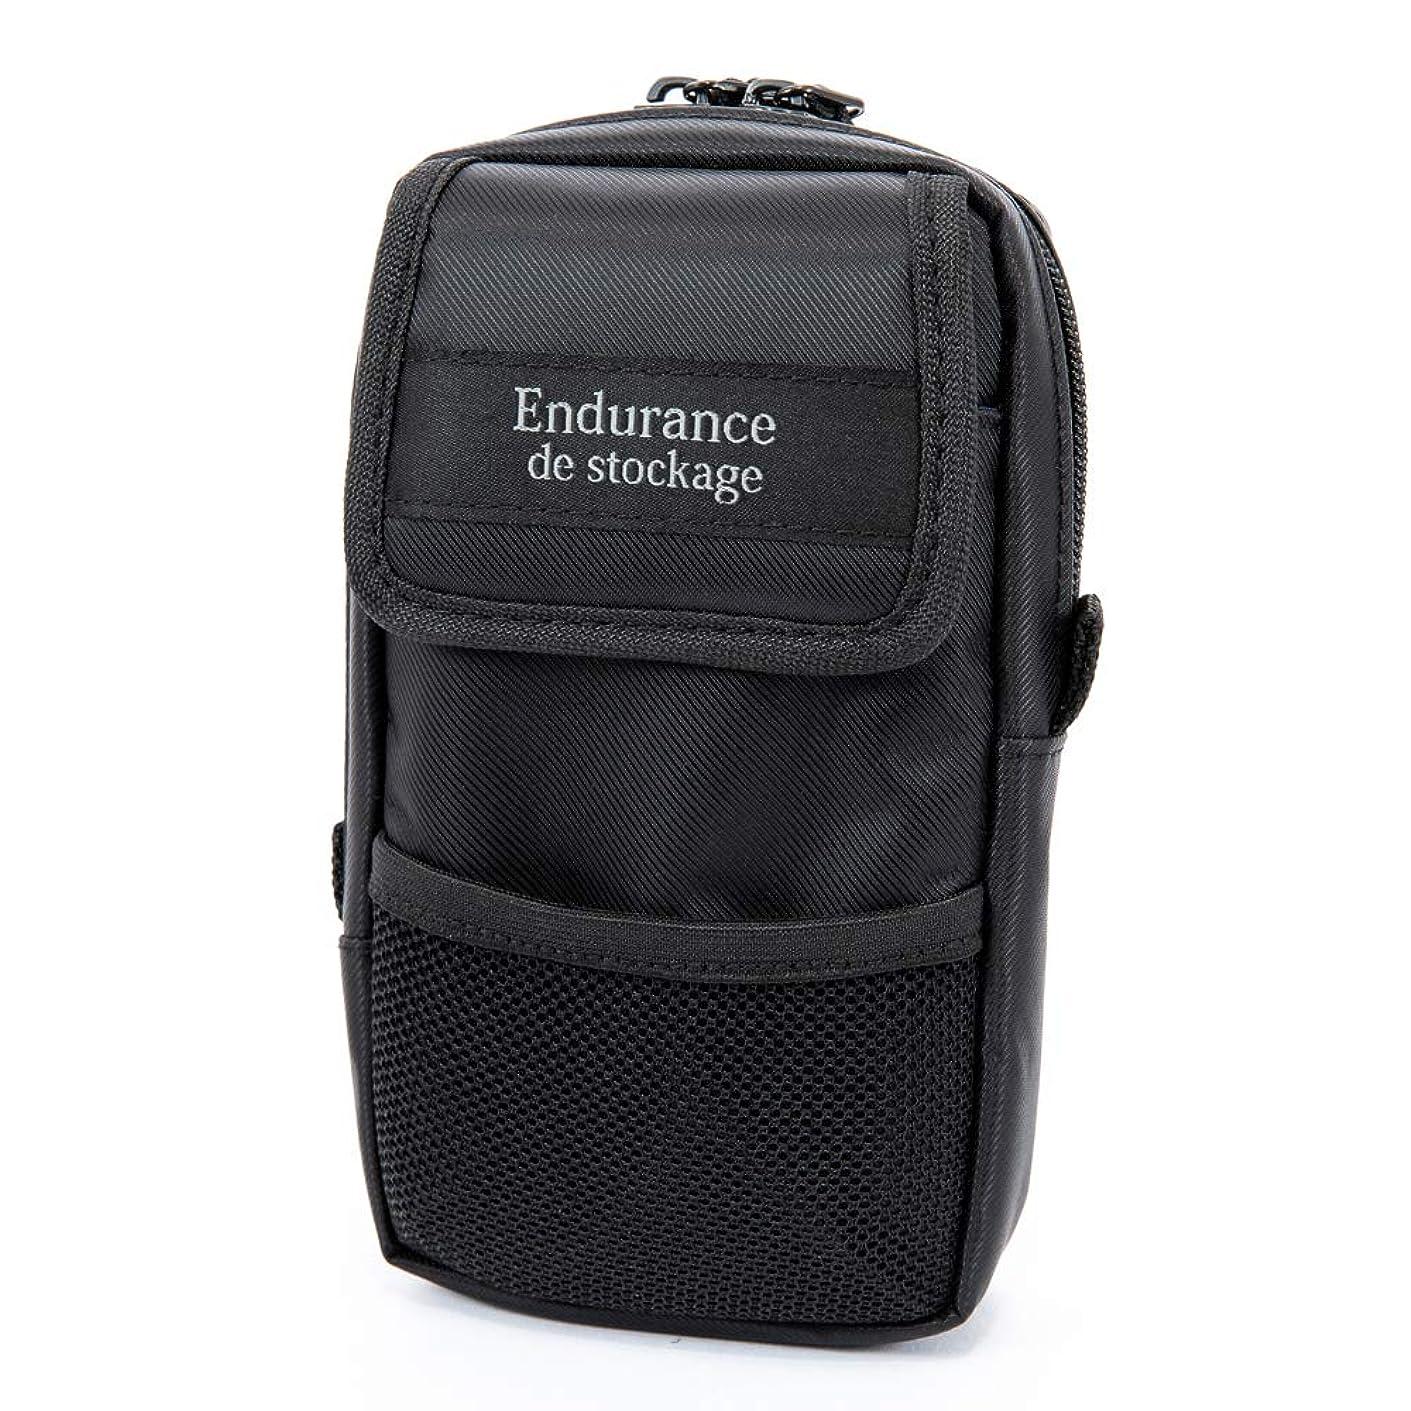 六分儀交渉する起訴するEndurance カメラバッグ用カメラアクセサリー&スマホポーチ